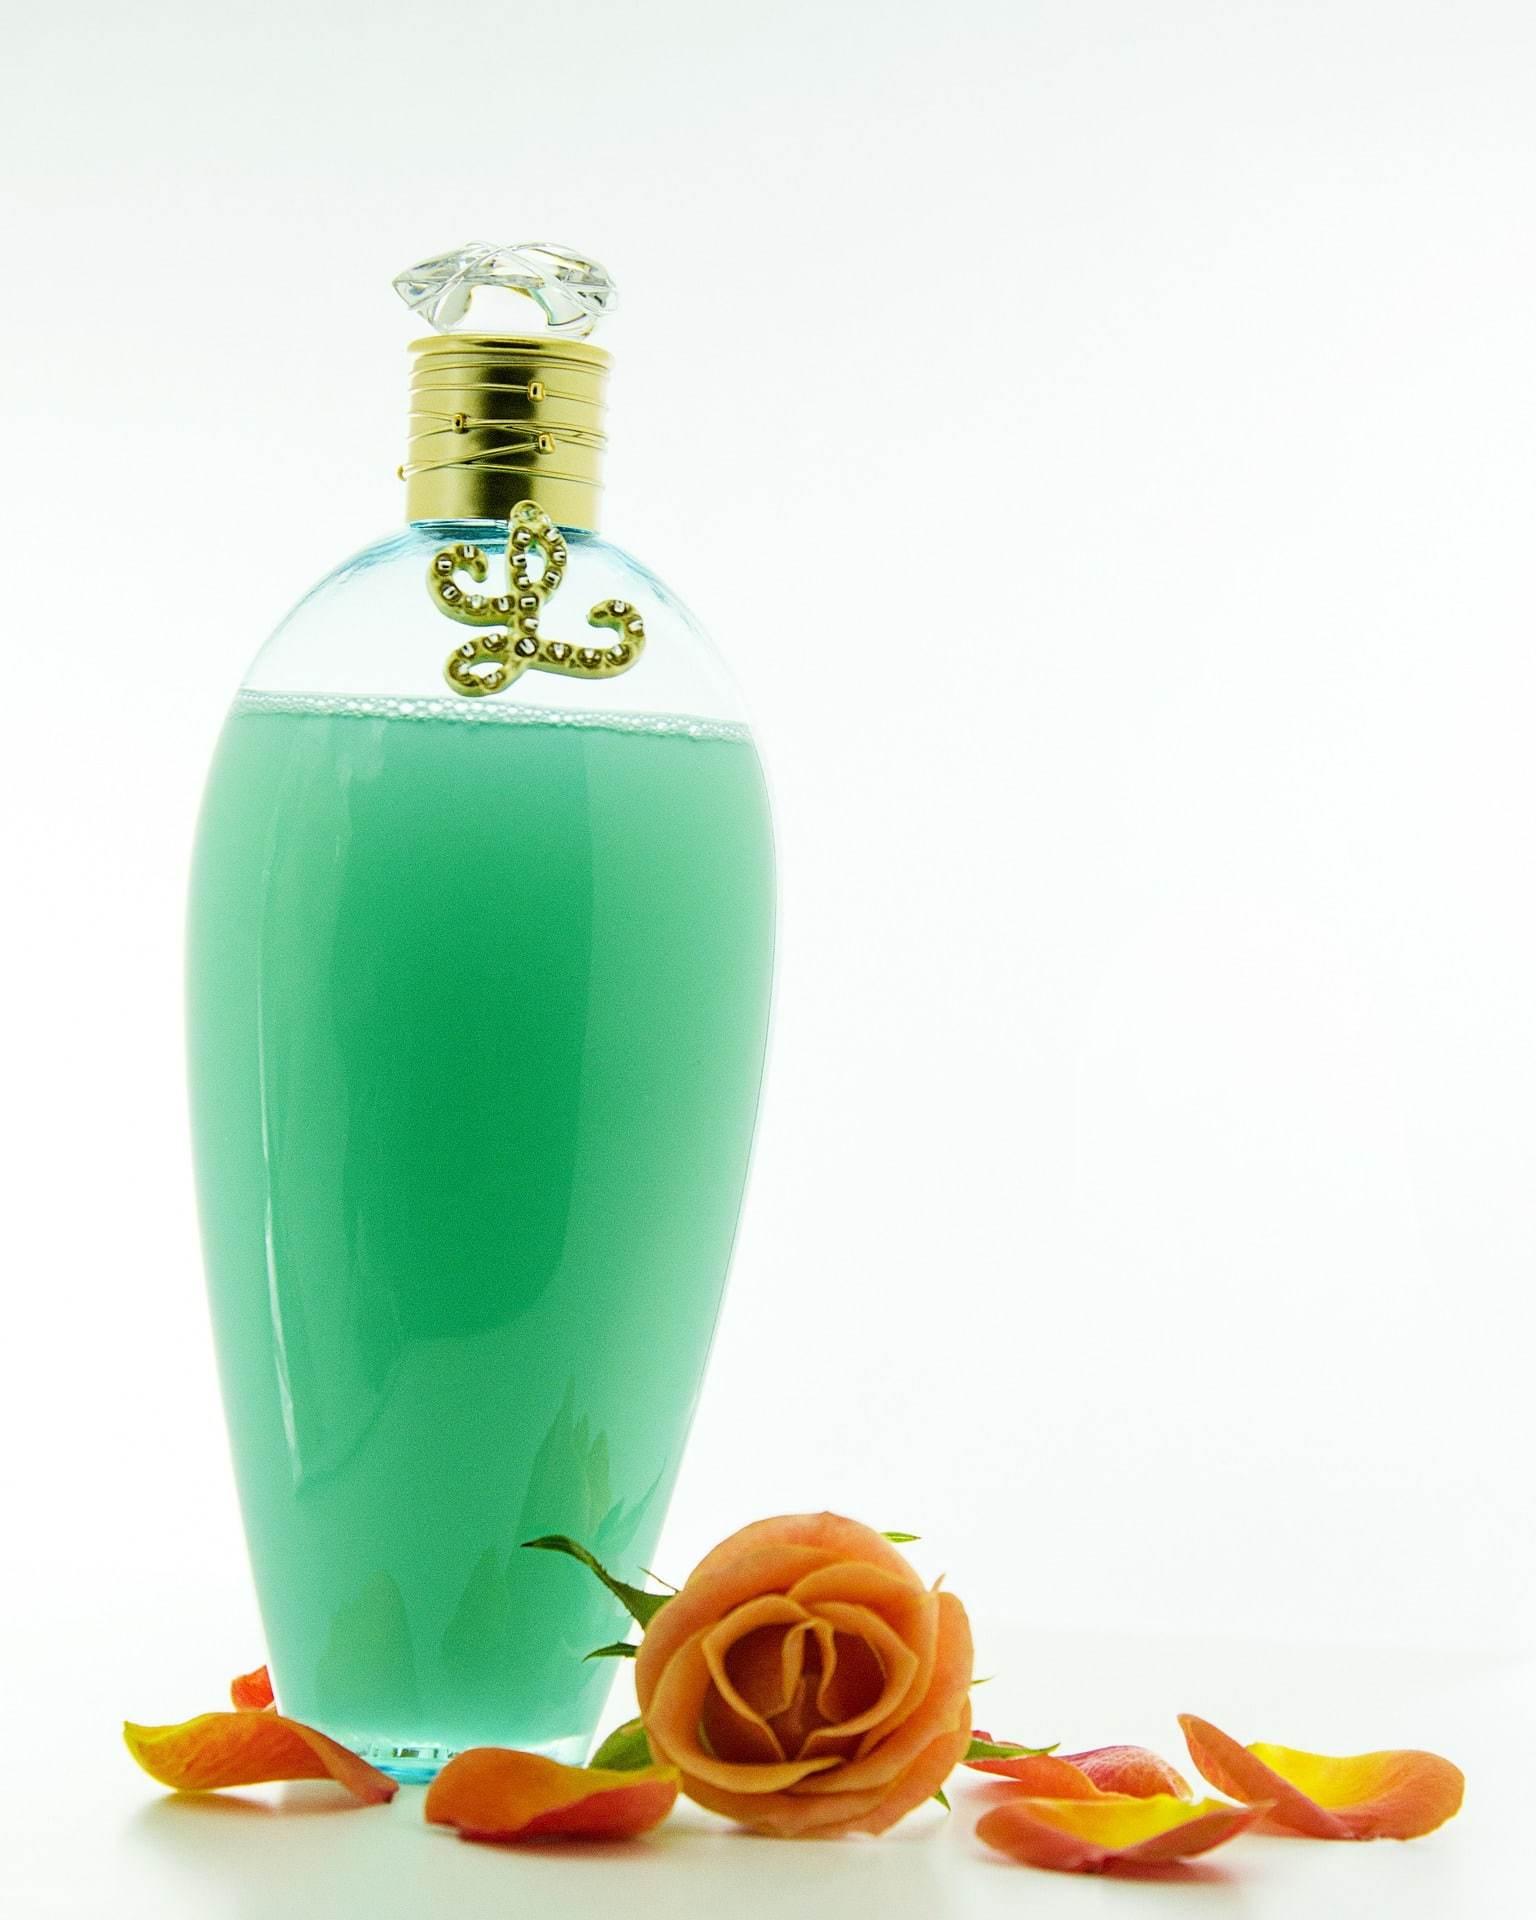 Intim. A képen egy üveg zöld sampon látható, mellete narancssárga rózsaszirmokkal